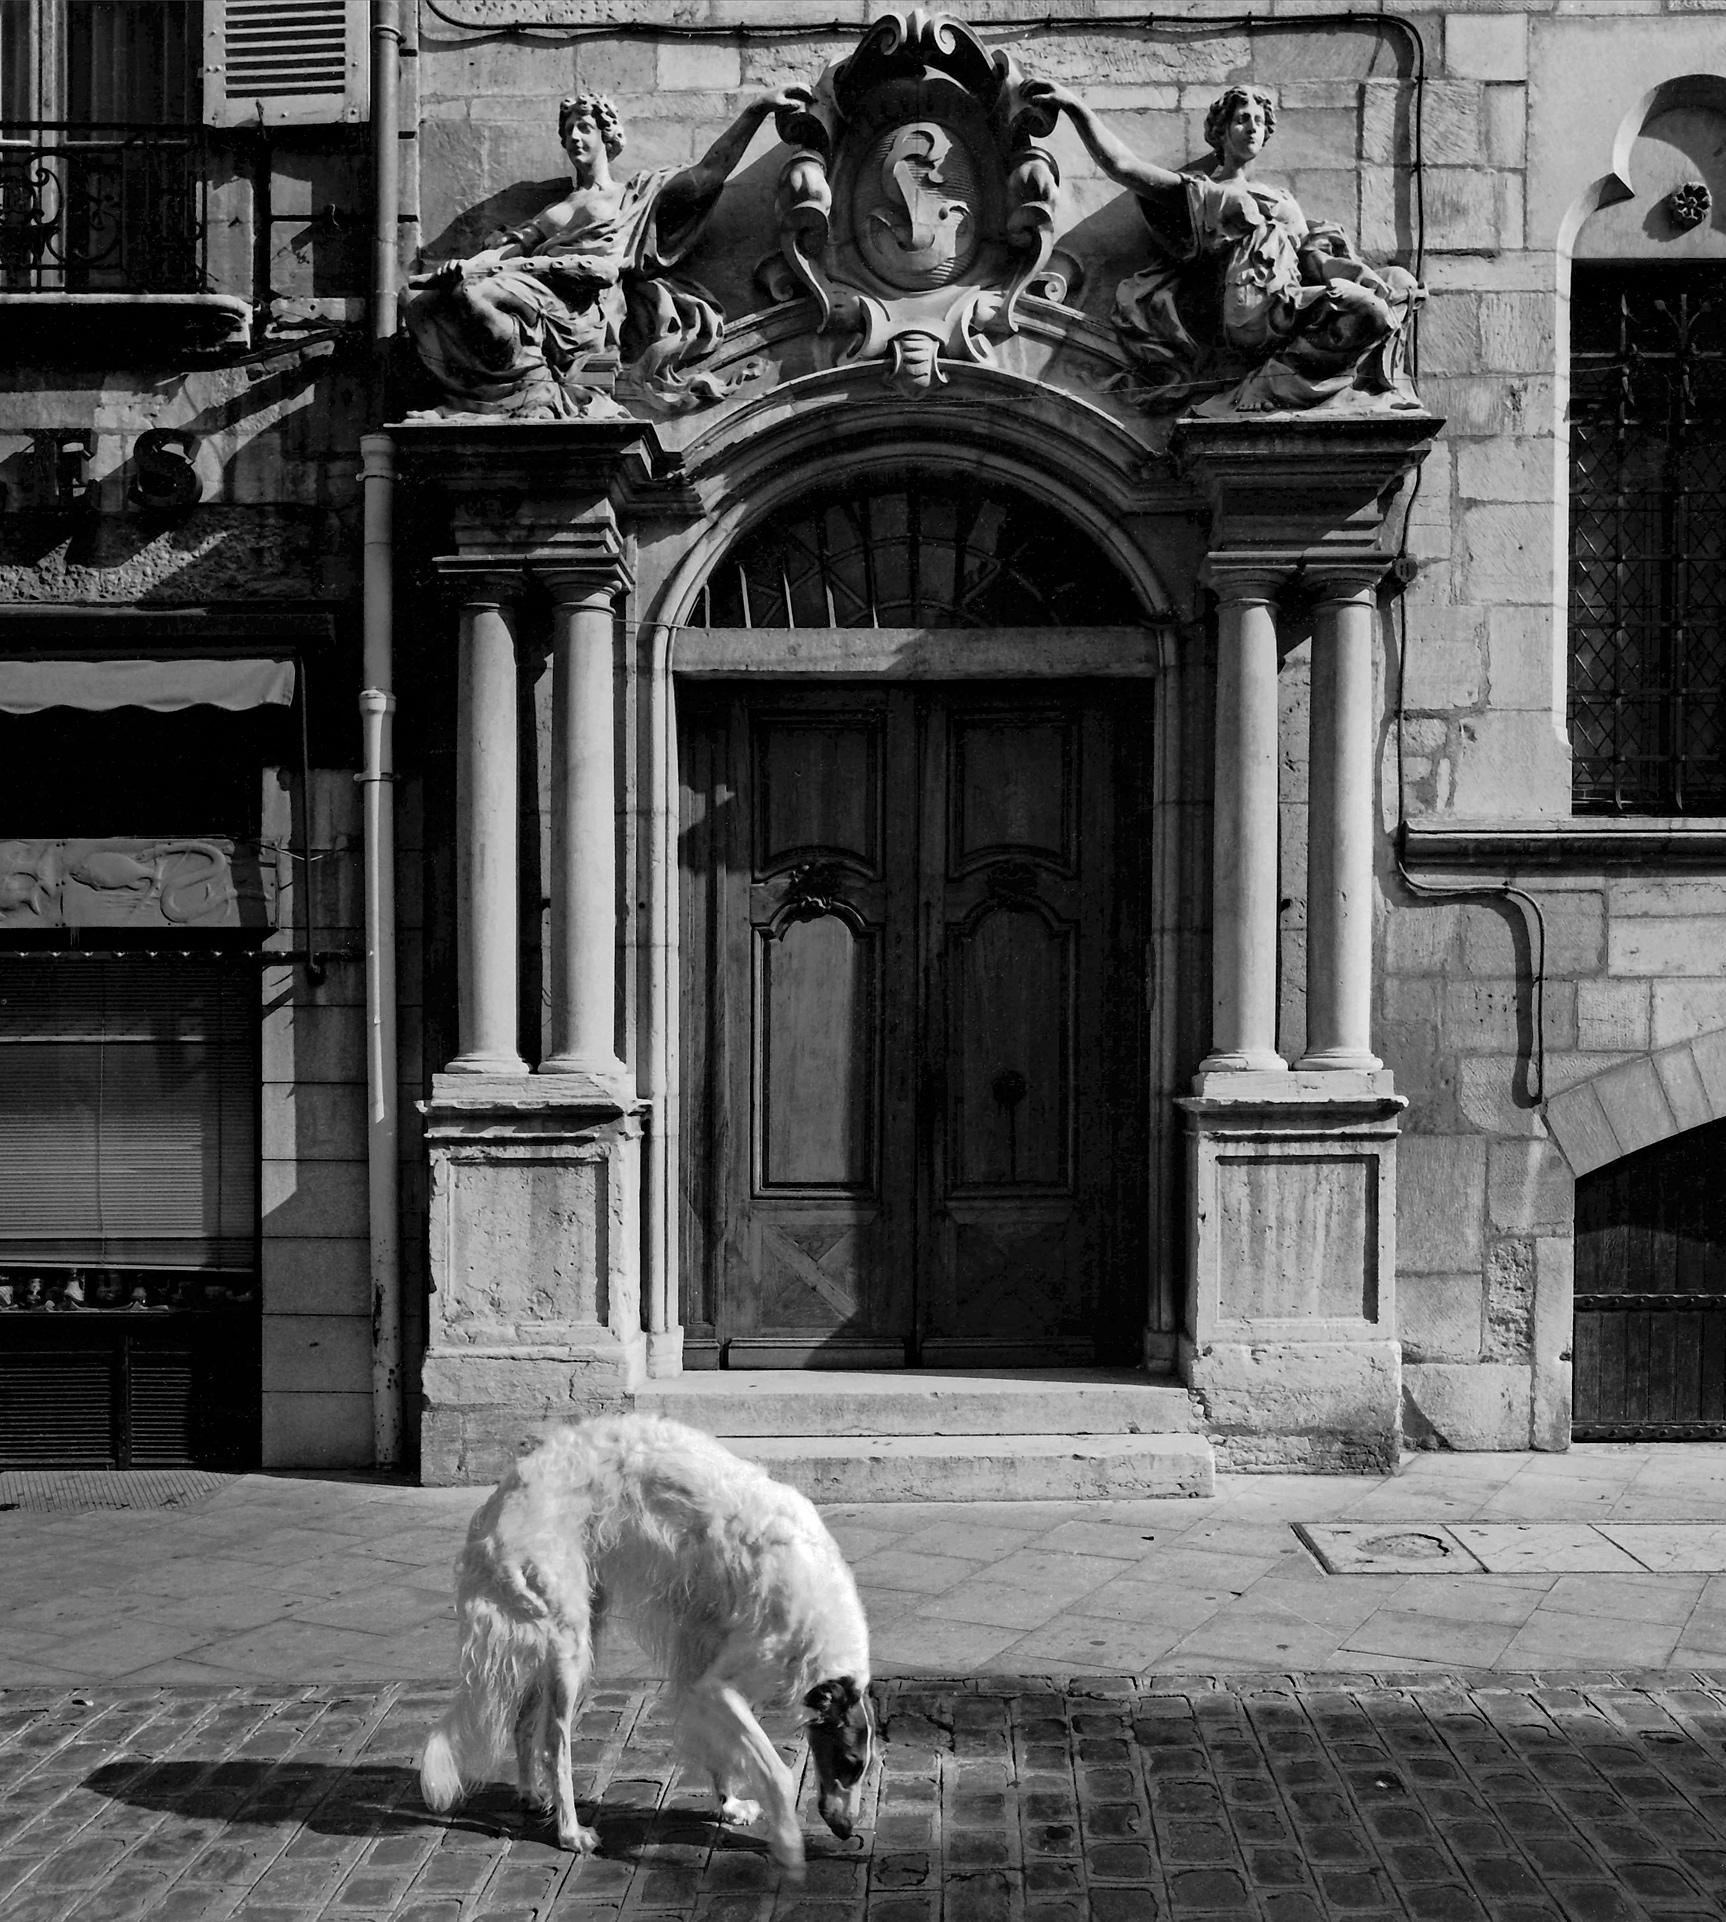 Dijon, France (020060)